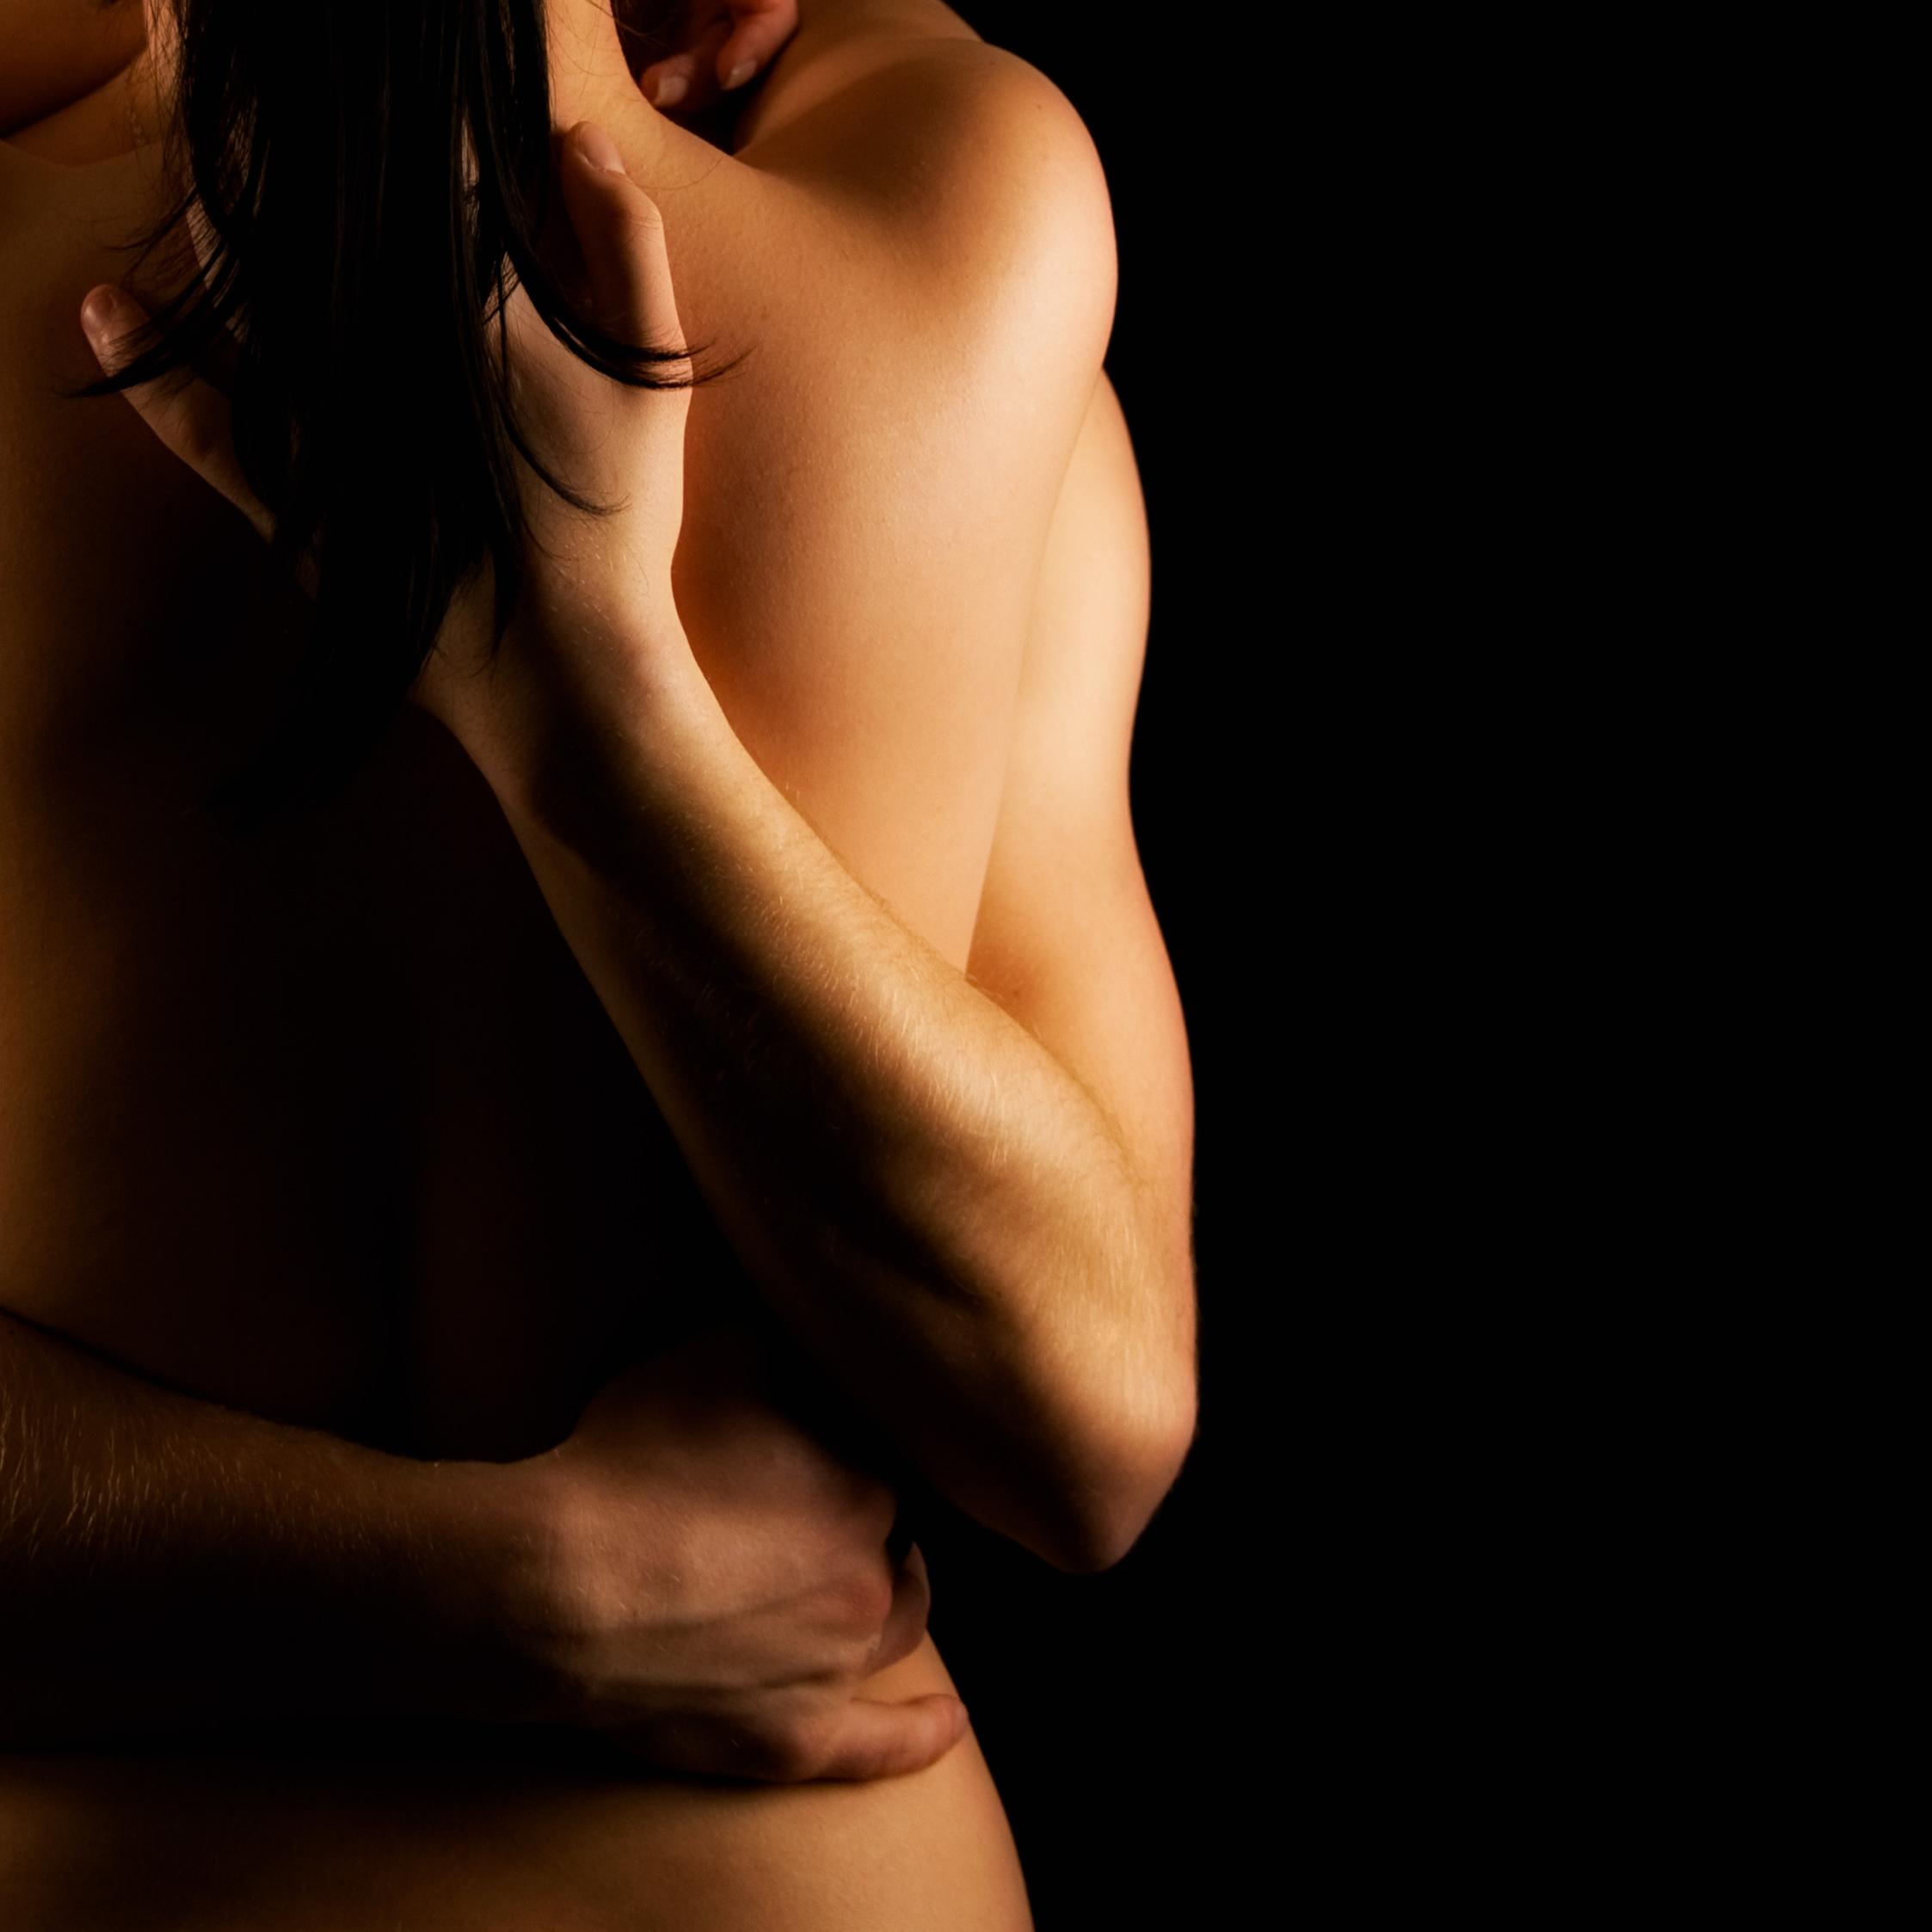 Страстные картинки мужчины и женщины без лиц